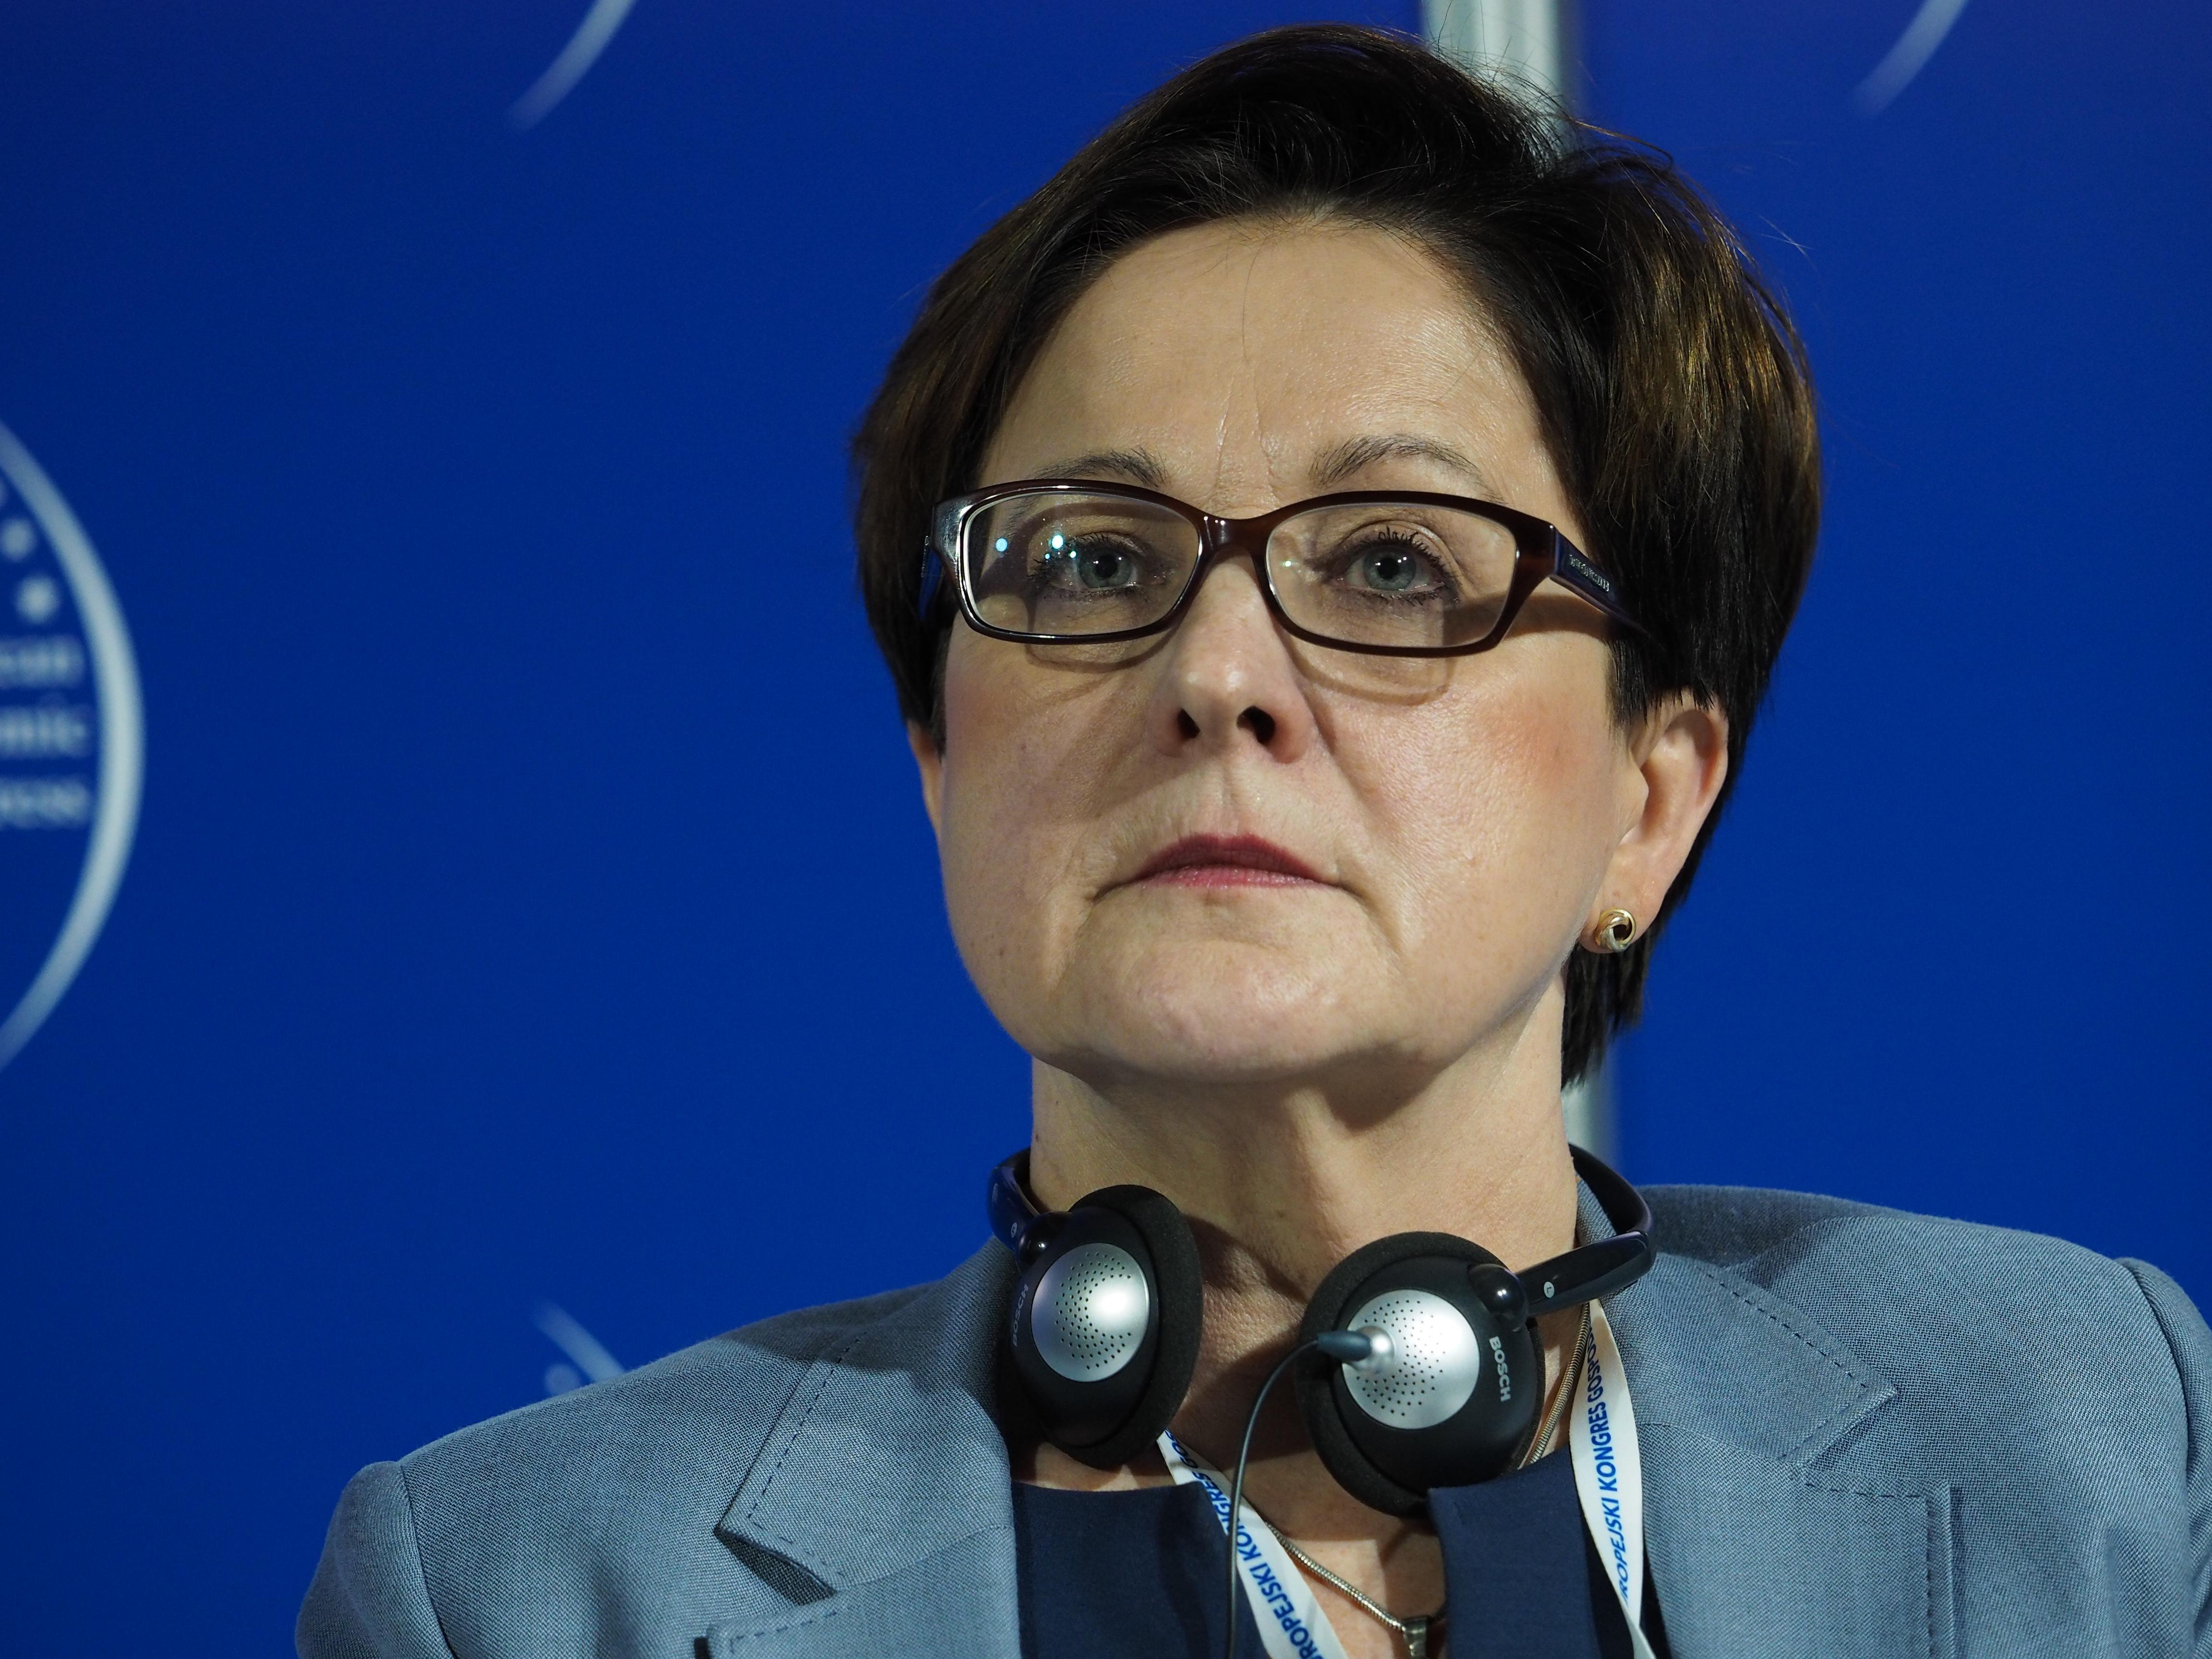 Żadne, nawet najlepsze zapisy prawne, nie zmuszą samorządów do PPP, jeśli nie będą widzieć w tym korzyści - mówi Barbara Sajnaj, skarbnik Poznania. (fot. PTWP)